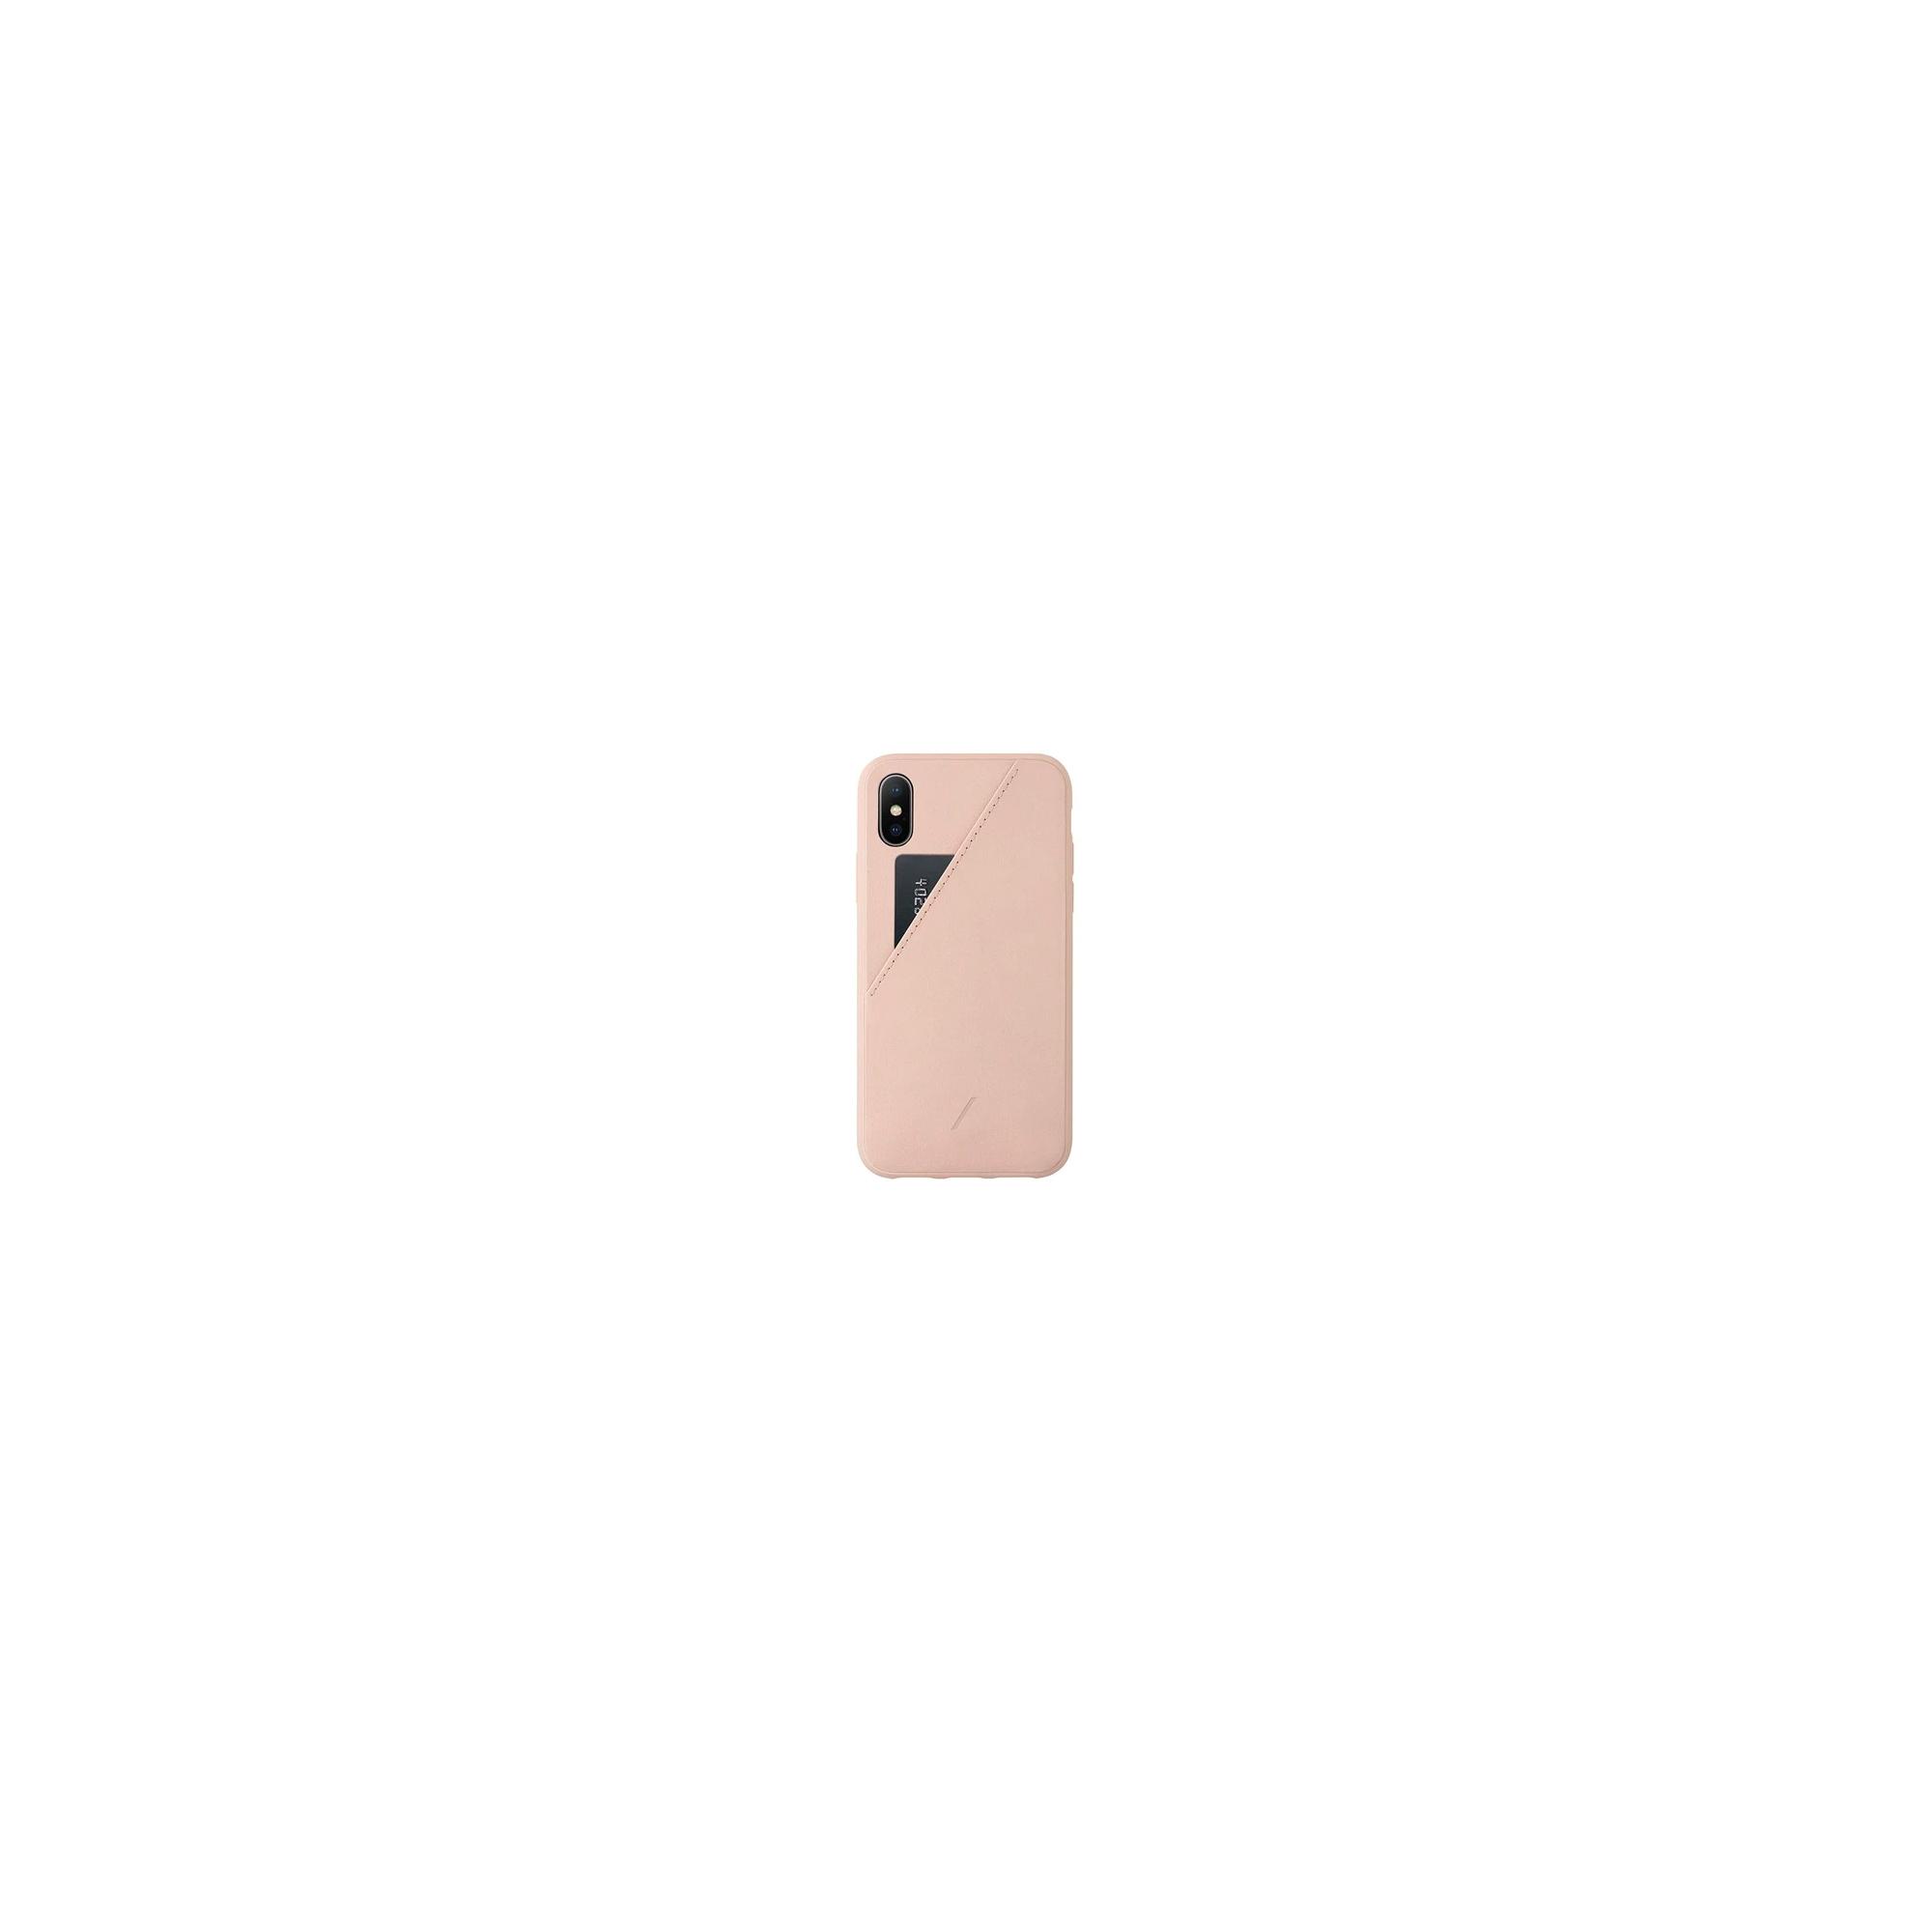 Clic iPhone X/XS - Rose